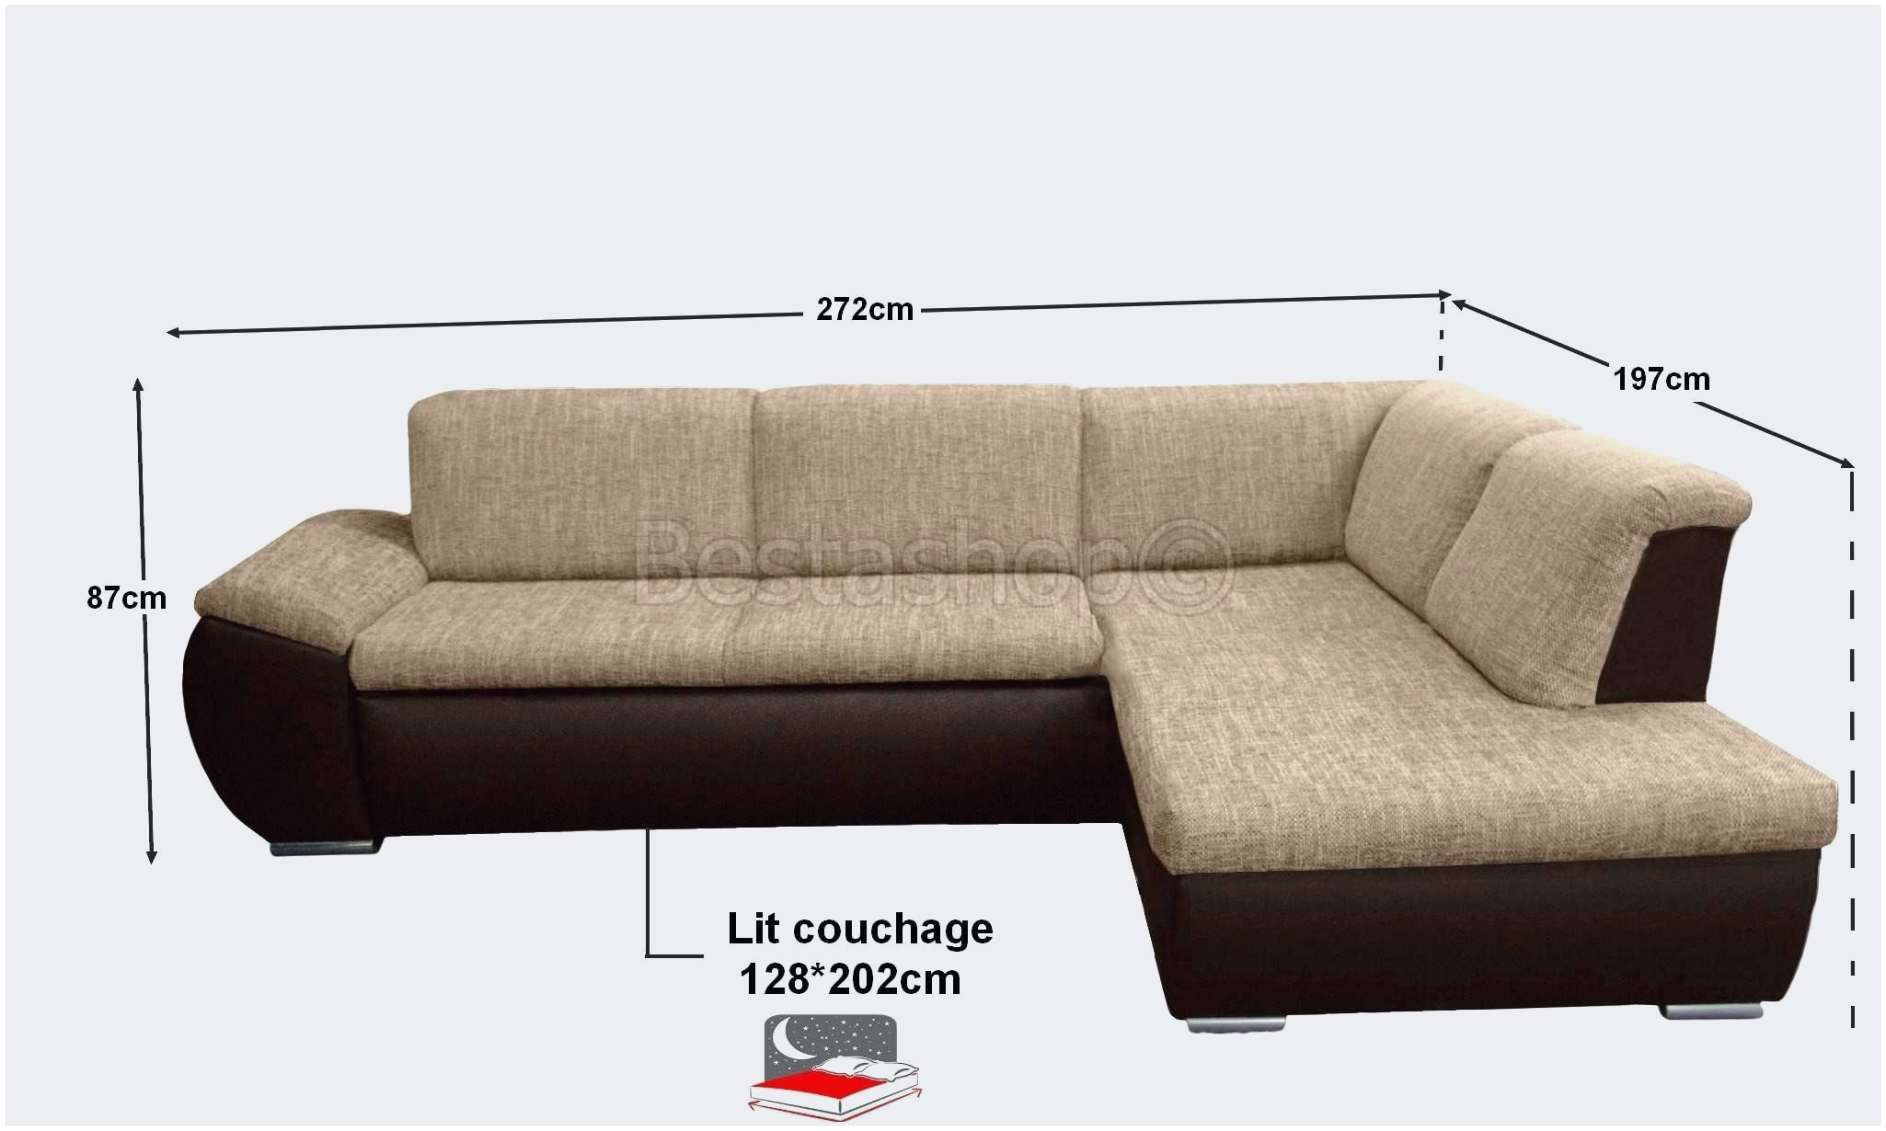 Unique Bout De Canap Ikea Pour Option Housse Canapé Ektorp